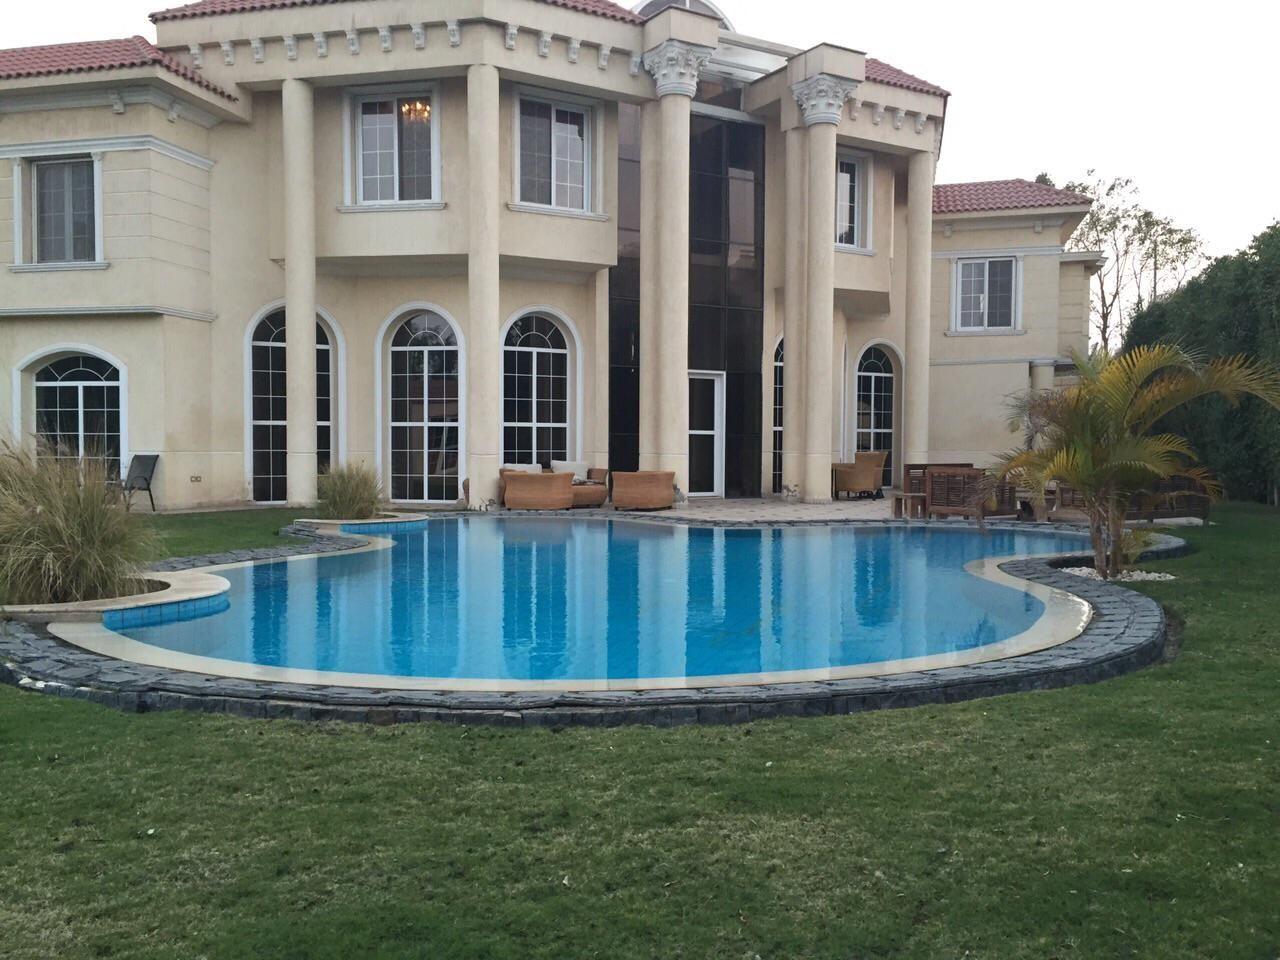 Villa for Rent in Royal hills October فيلا للايجار رويال